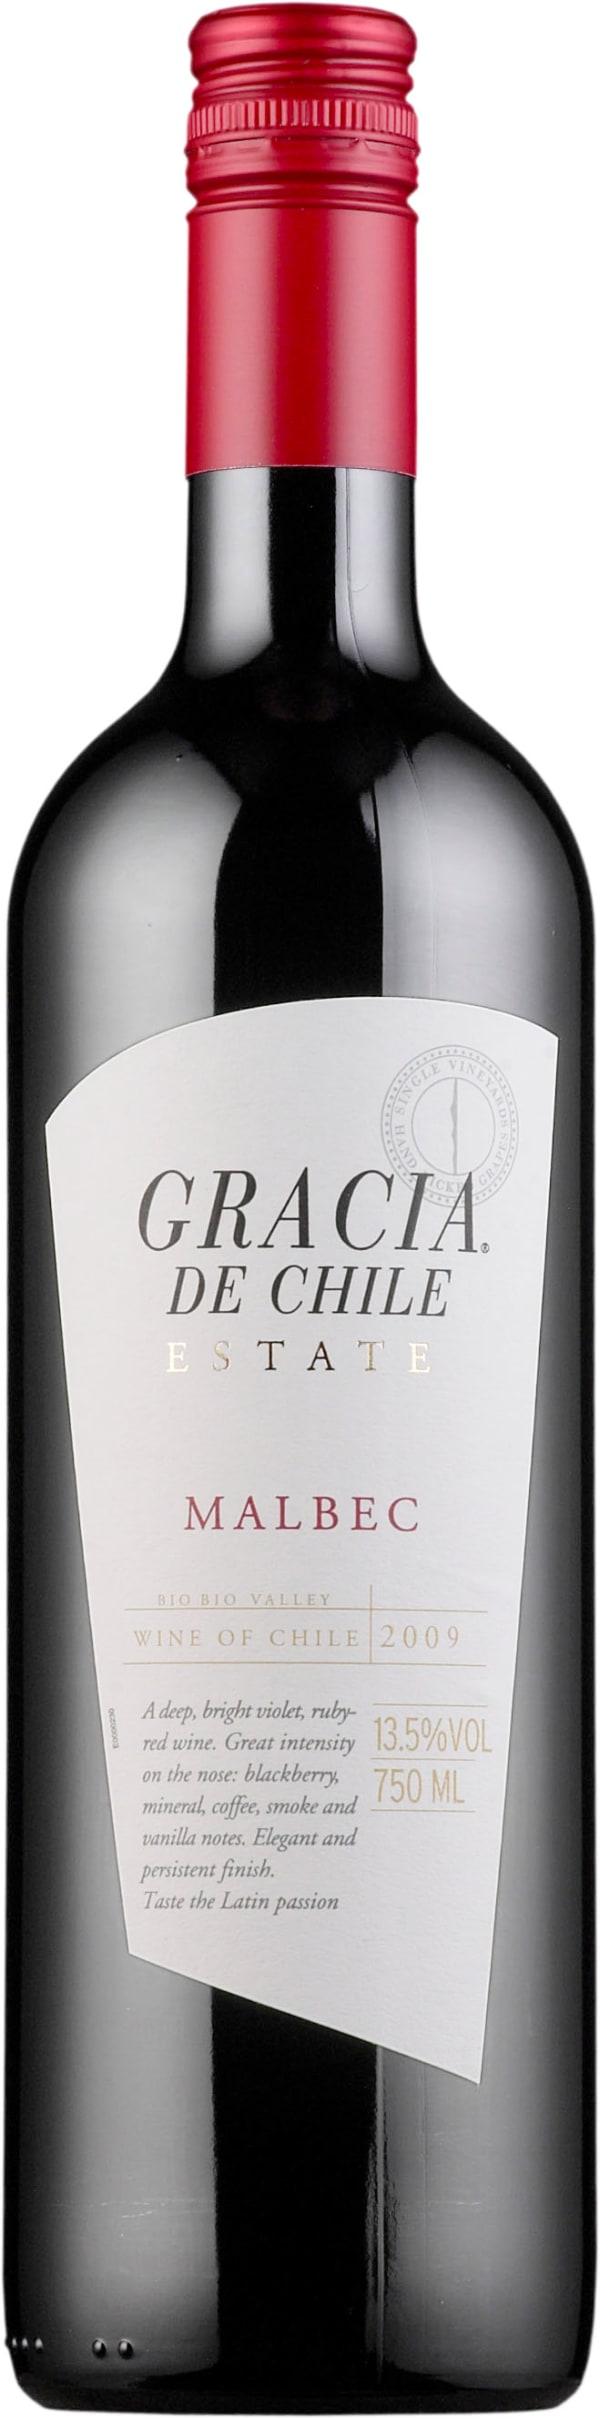 Gracia de Chile Malbec 2016